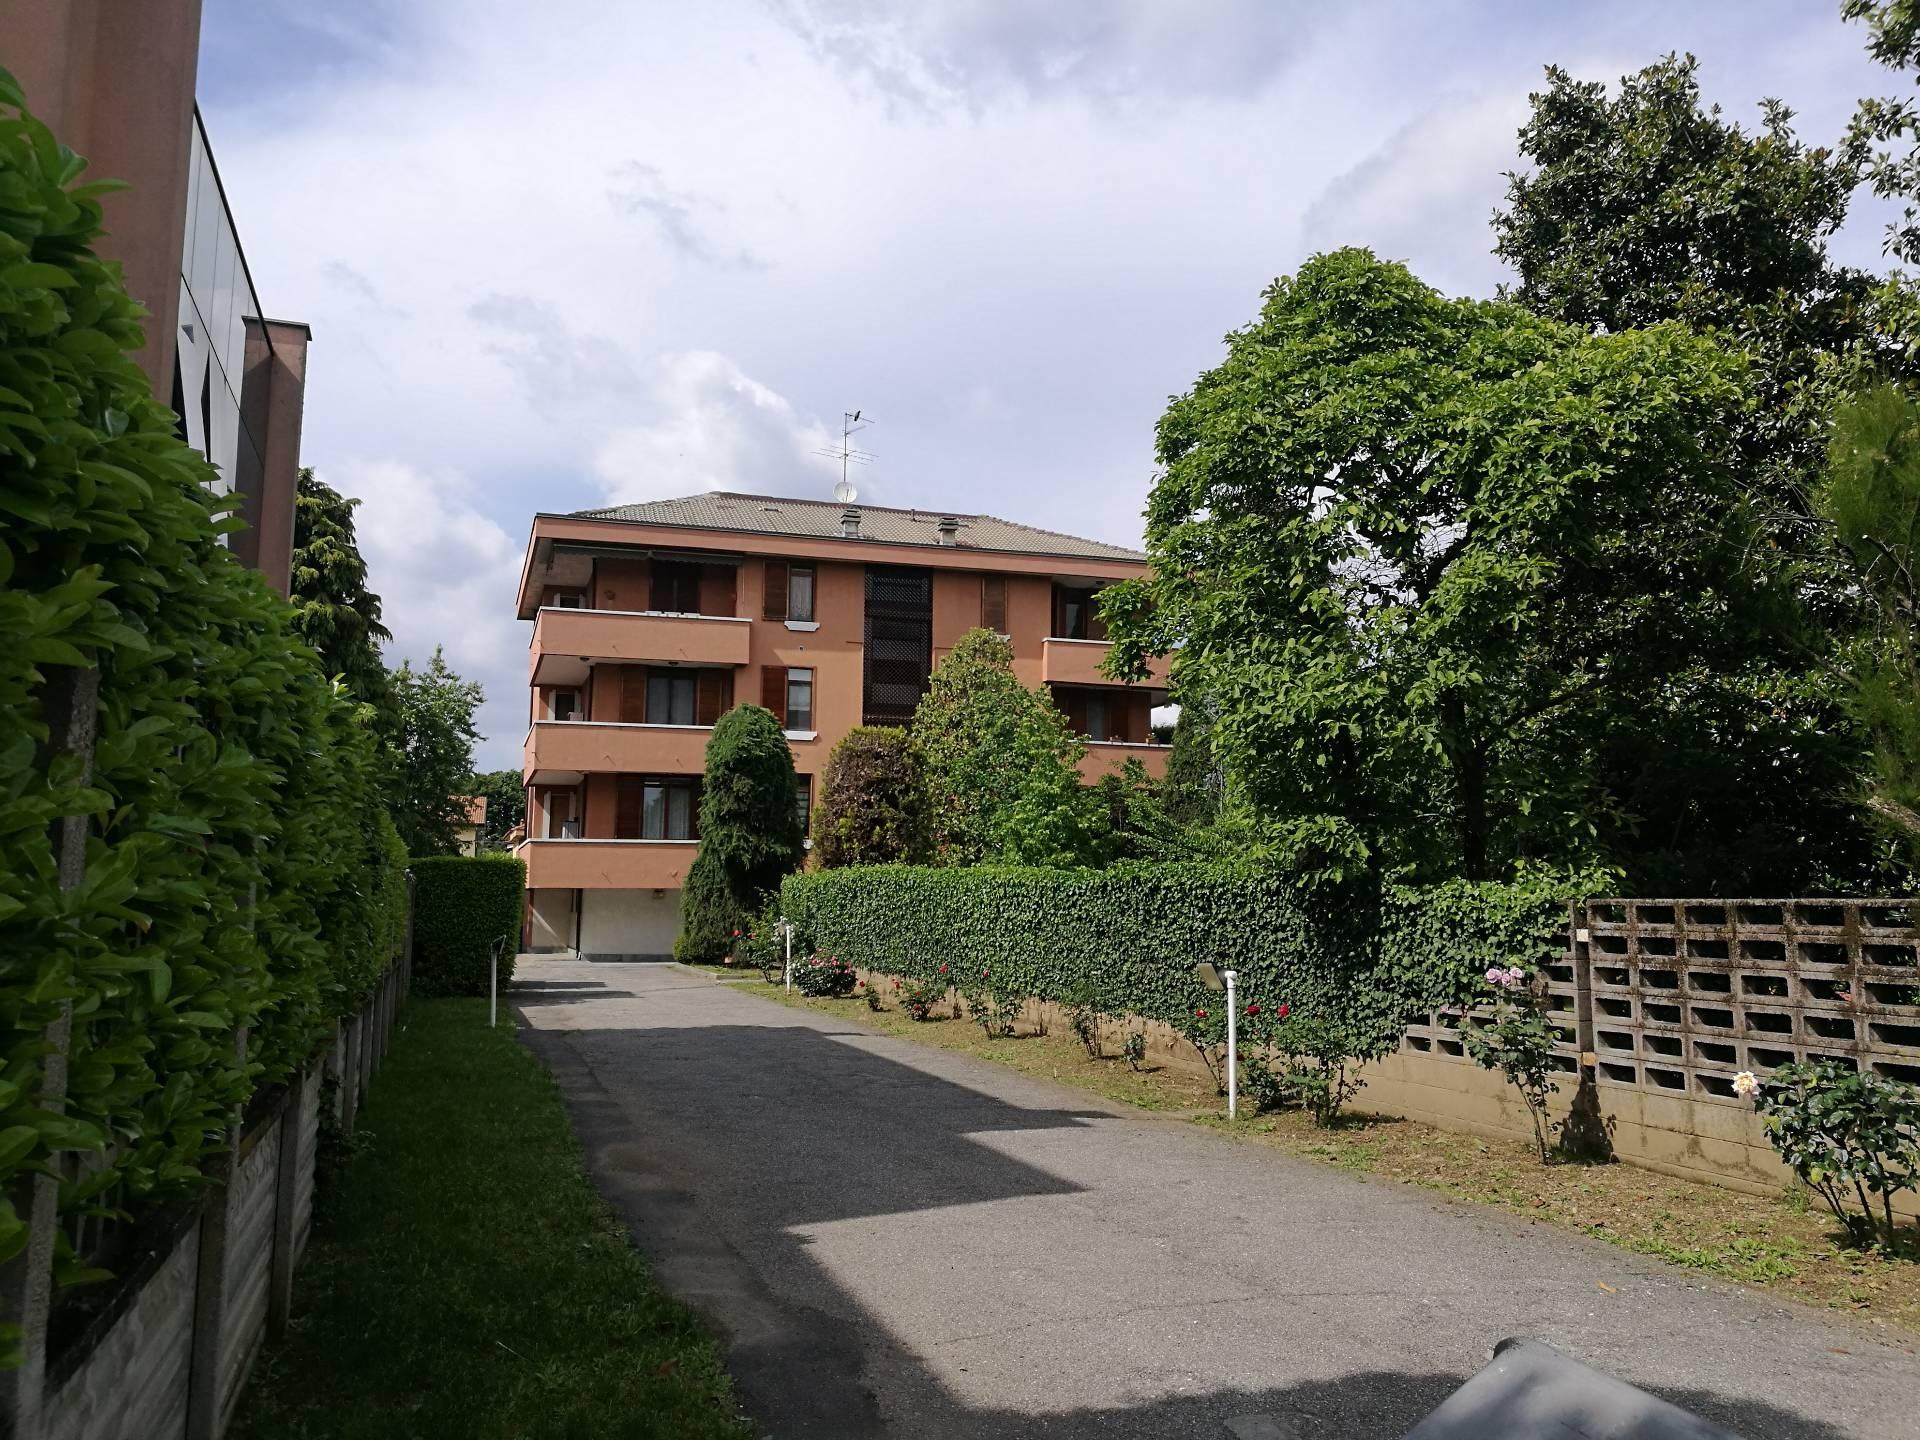 Appartamento in vendita a Cuggiono, 3 locali, prezzo € 87.000 | CambioCasa.it